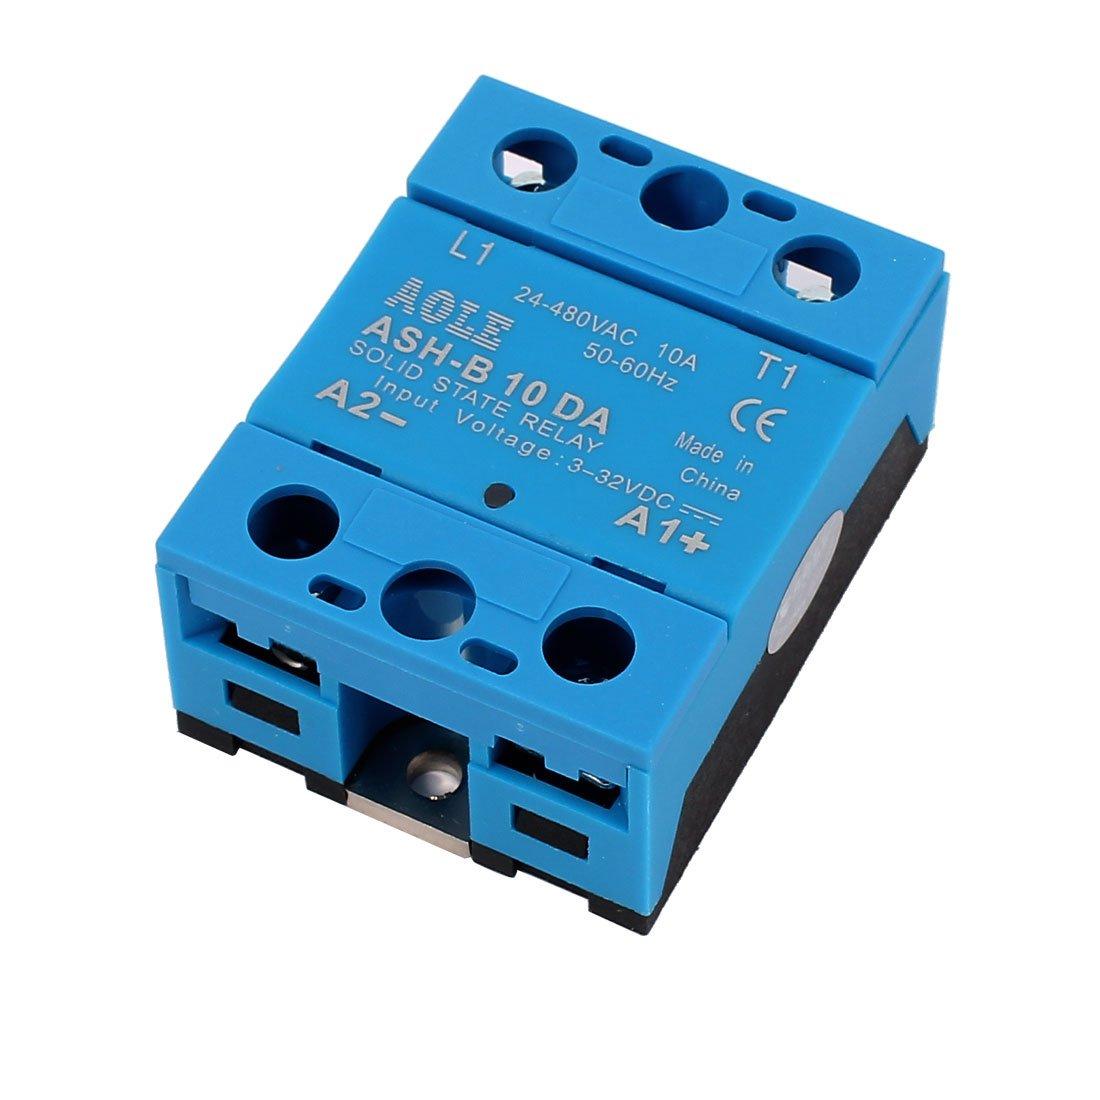 Bem 14840da 3 32v Dc To 24 480v Ac 40a Output Single Solid State Relay 220v Phase Ssr Home Improvement